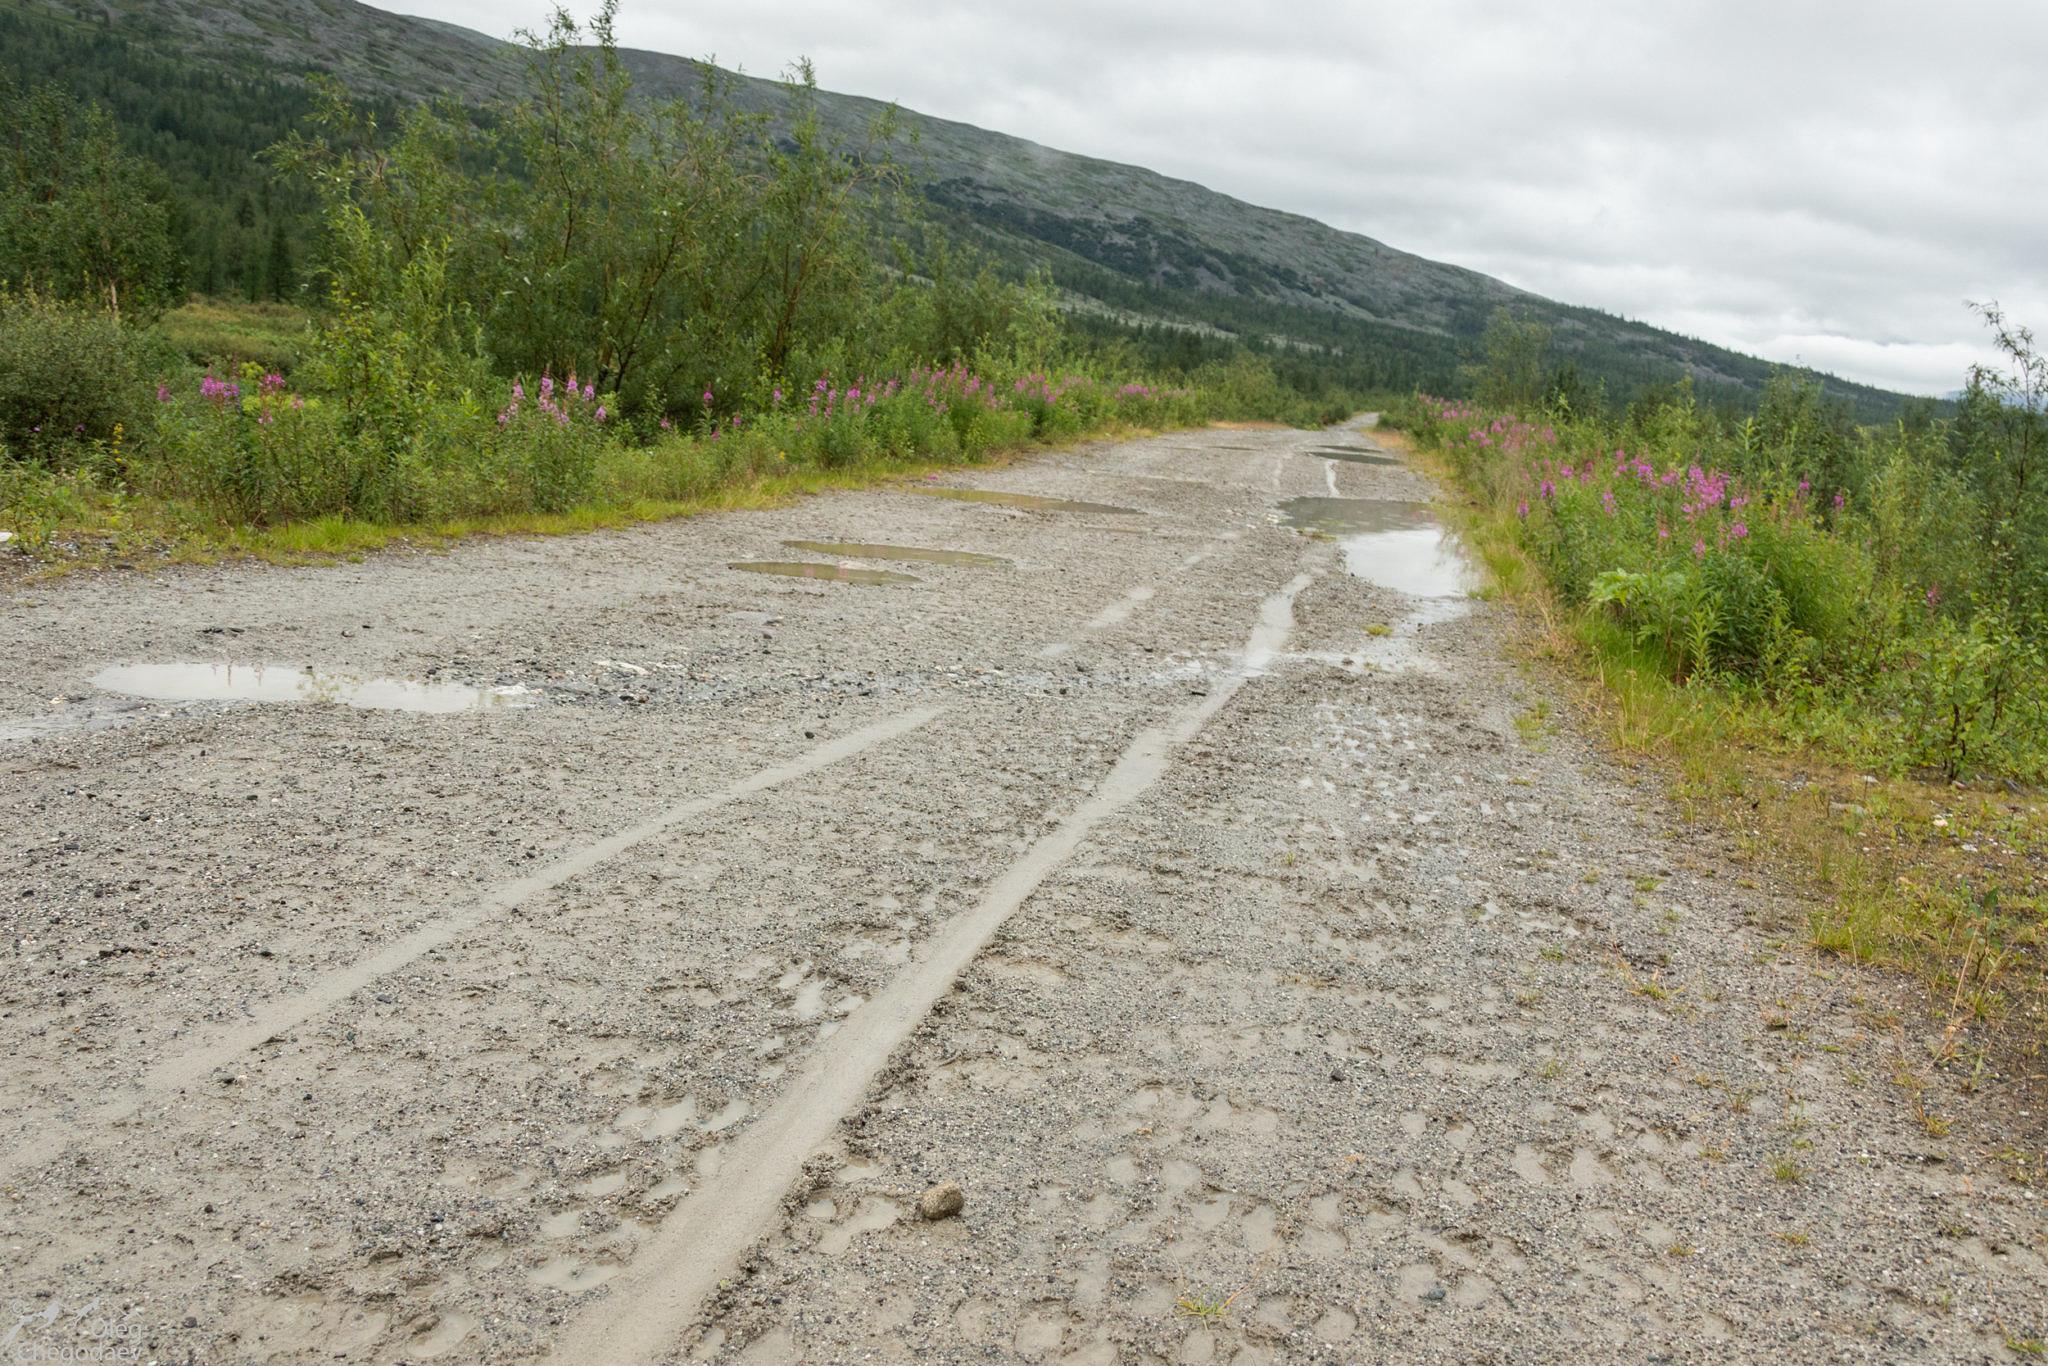 След от полозьев нарт на дороге